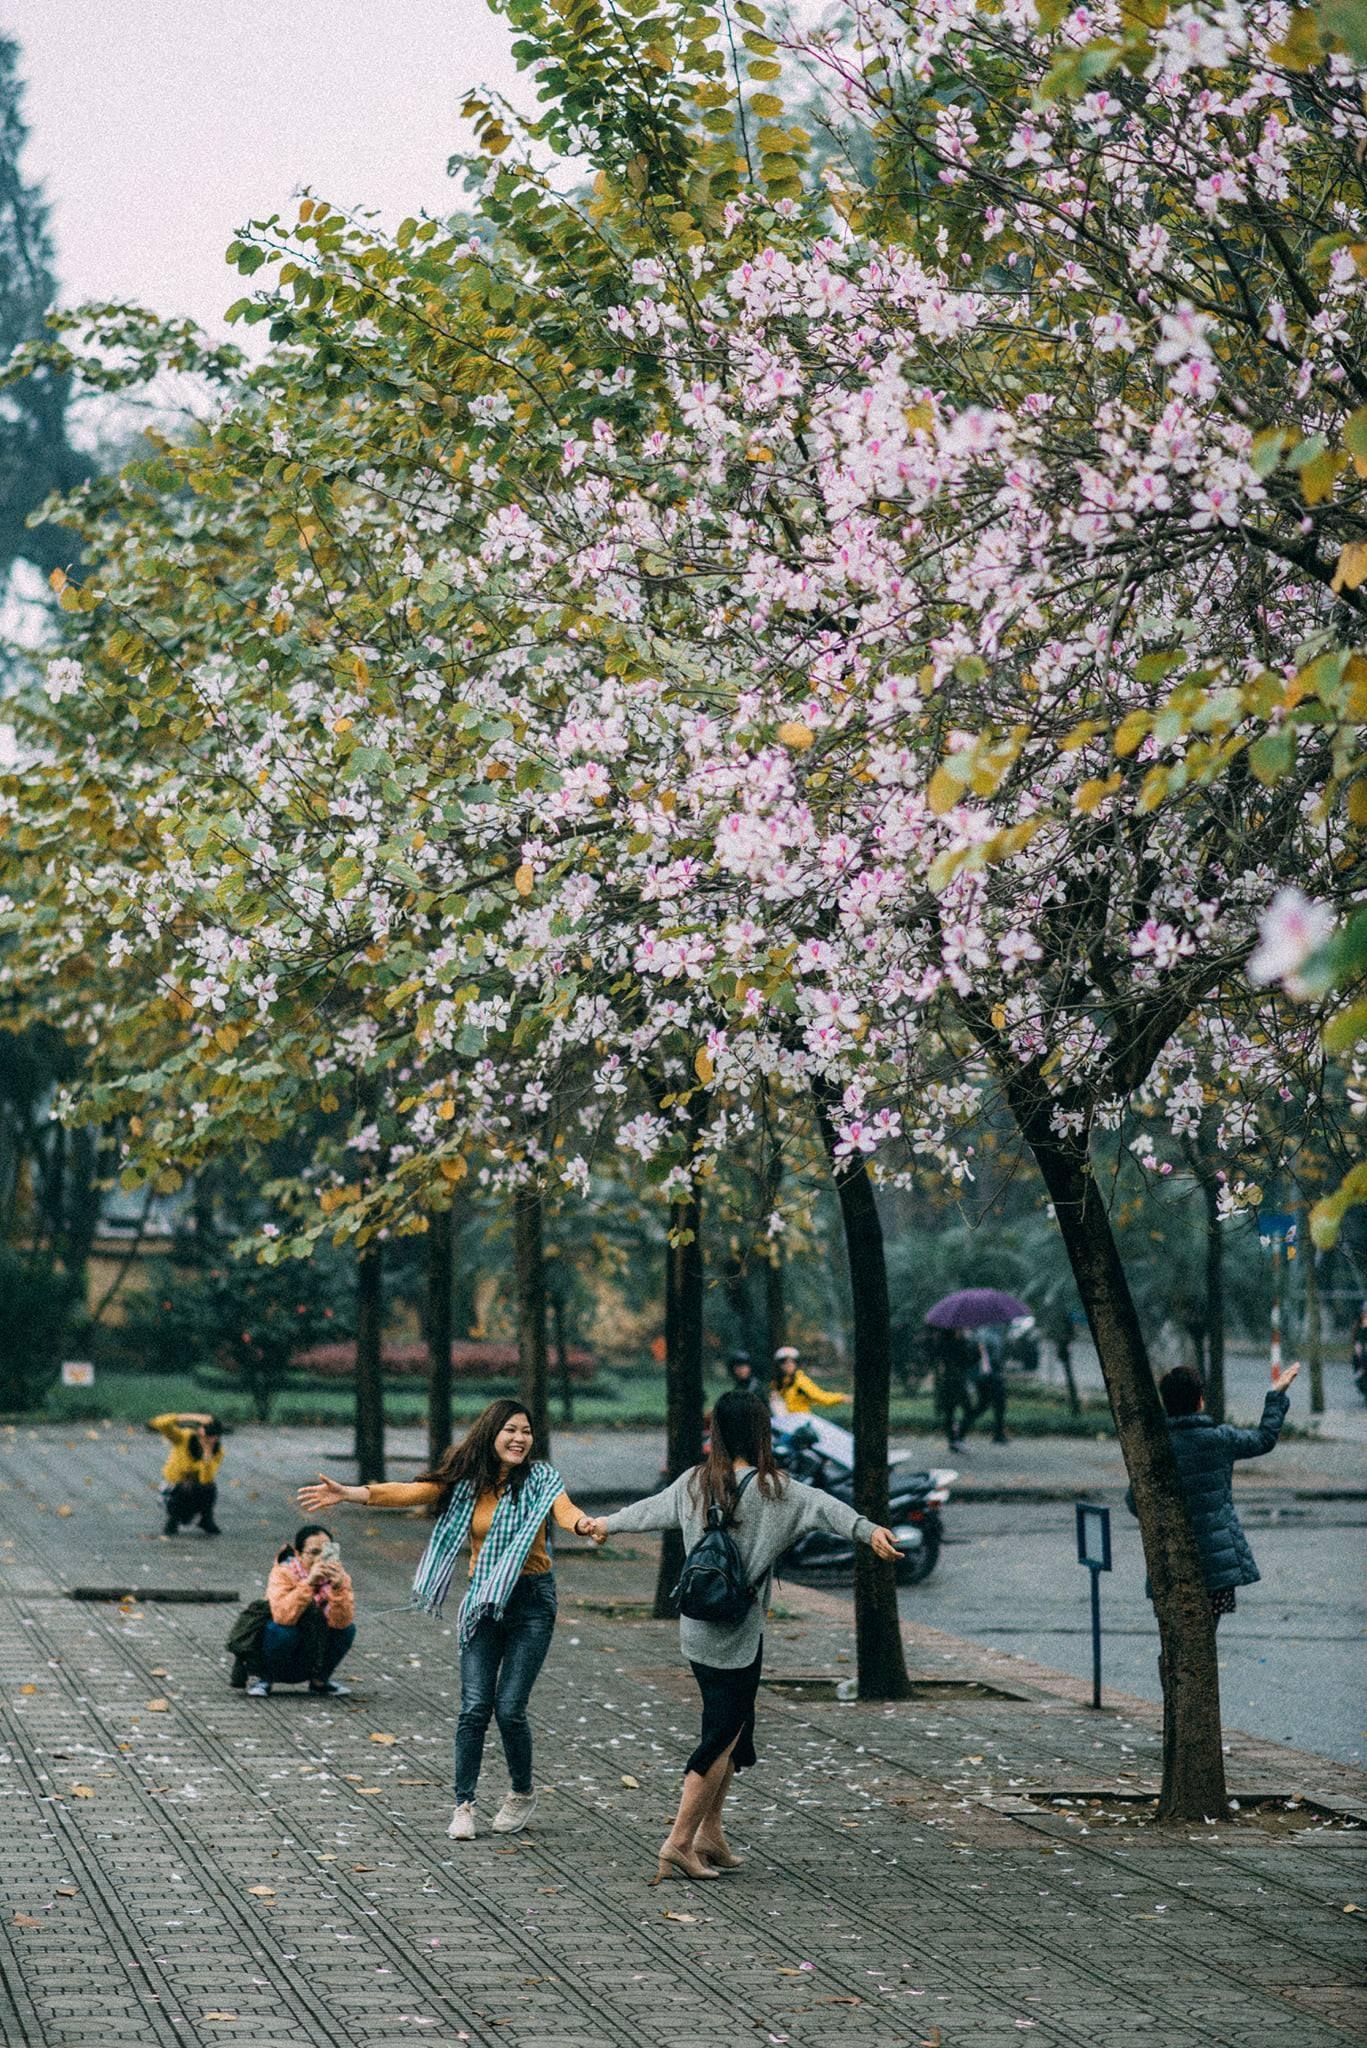 Những tuyến phố ngập tràn hoa ban. Hình: Sưu tầm